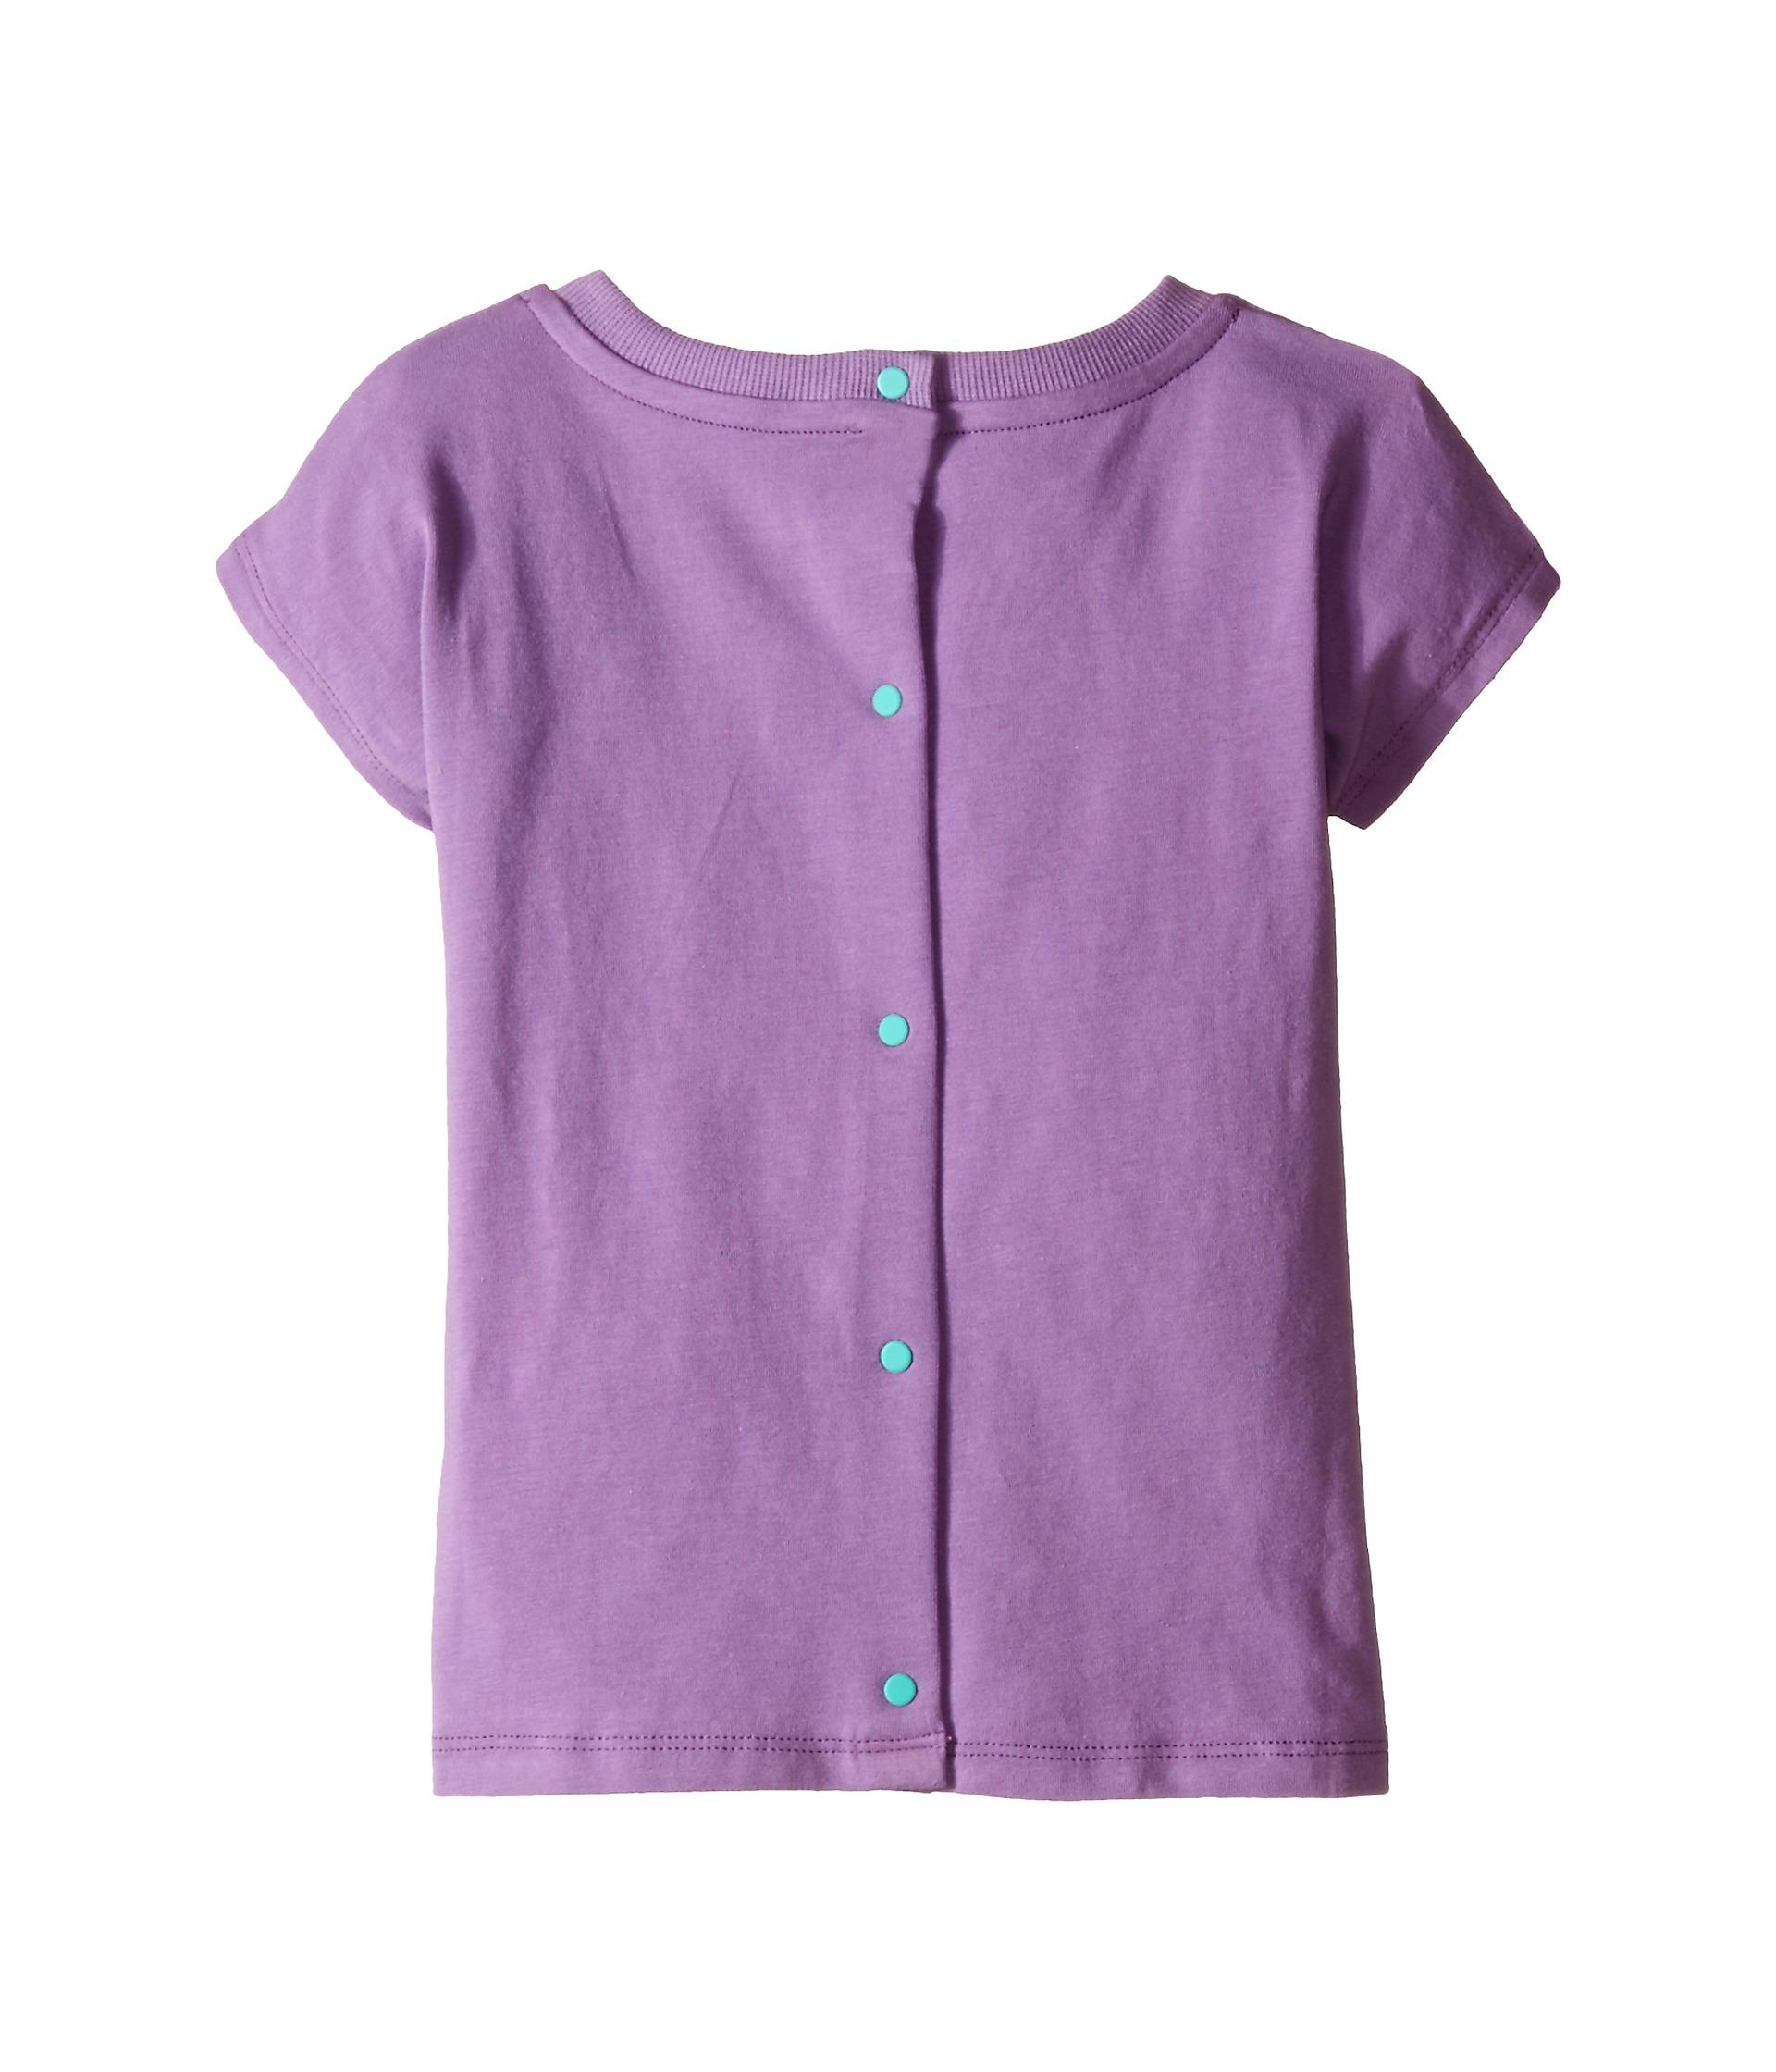 Moschino Kids Cupcake Graphic T Shirt and Shorts Set